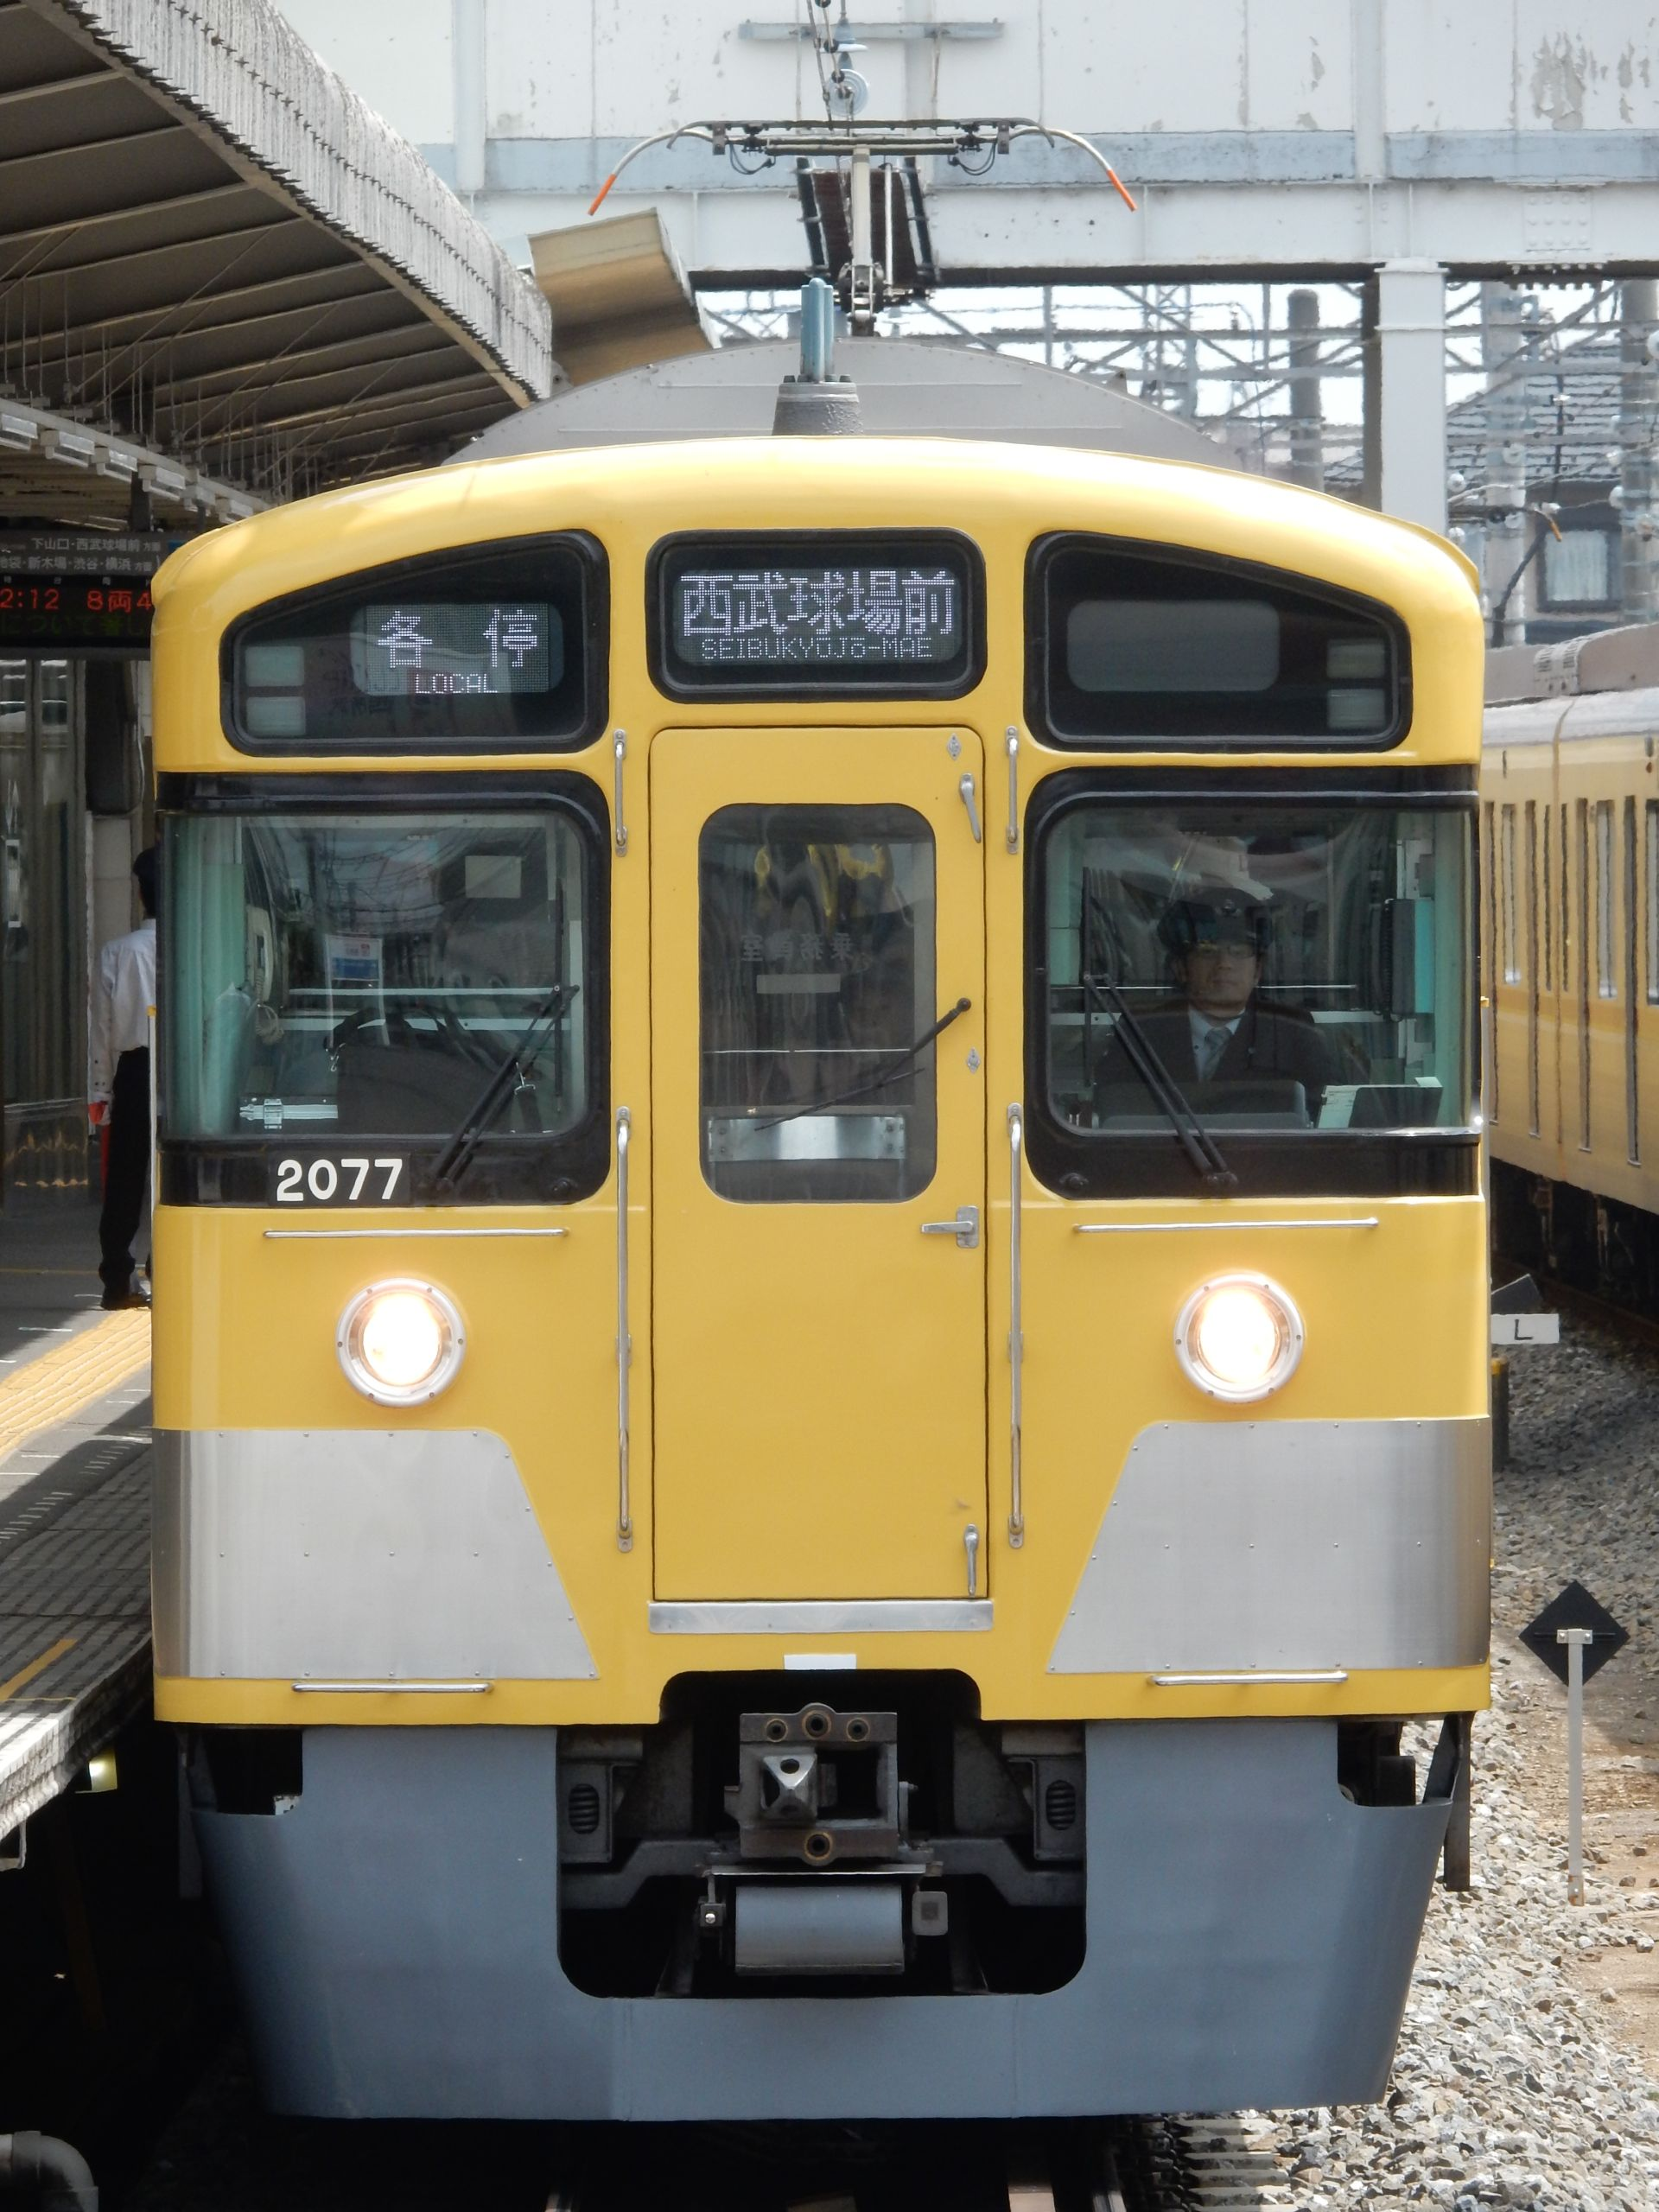 DSCN8068 - コピー